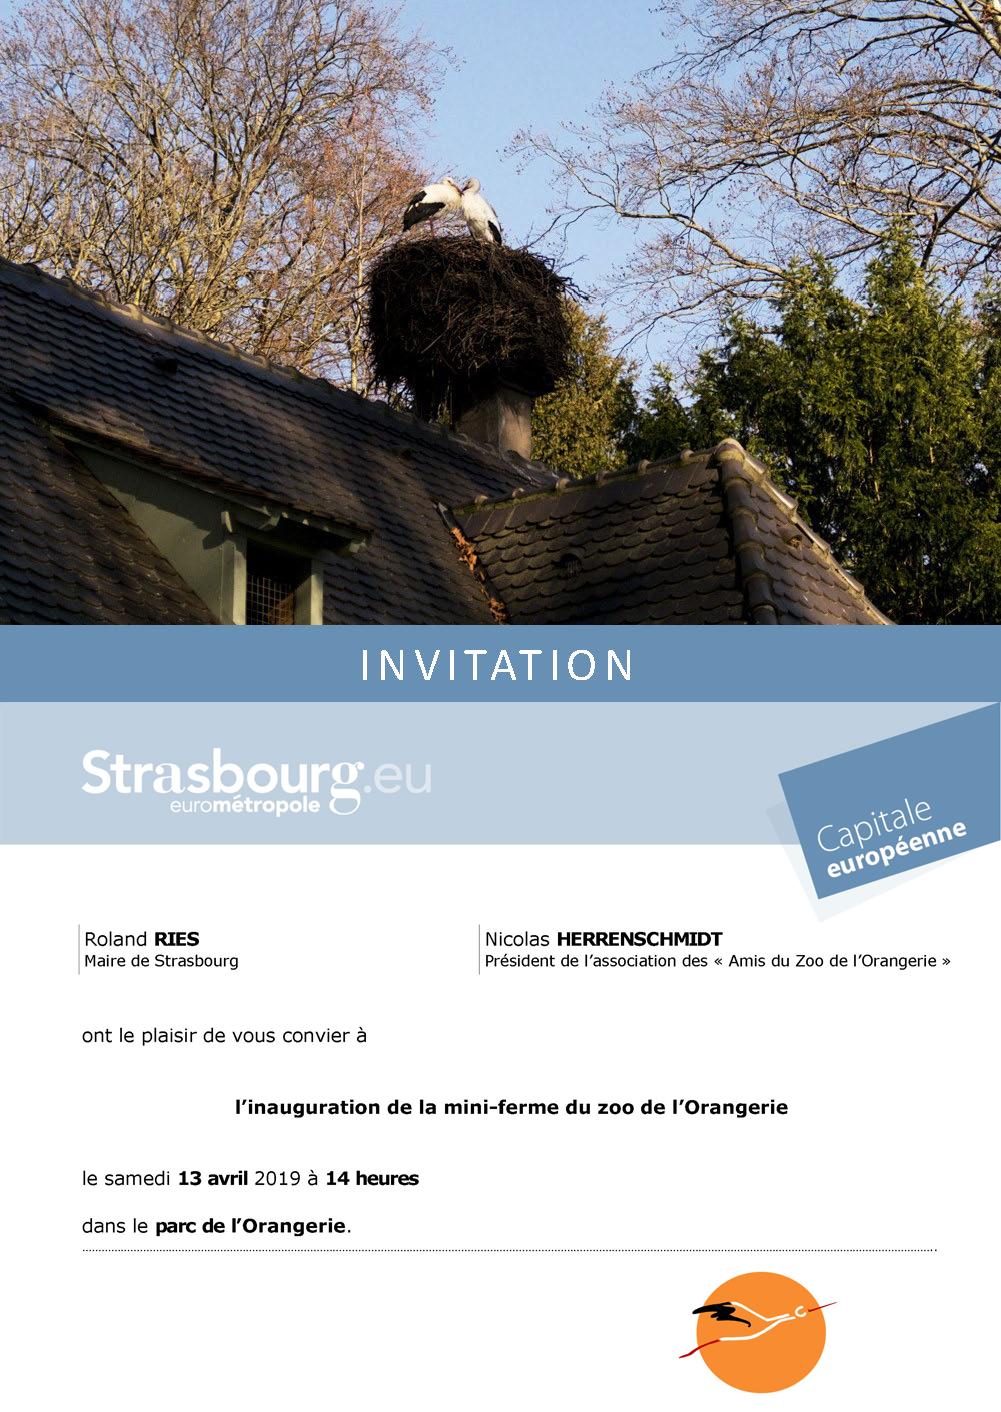 Invitation inauguration mini-ferme de l'Orangerie le 13 avril 2019 à 14 heures_Page_0